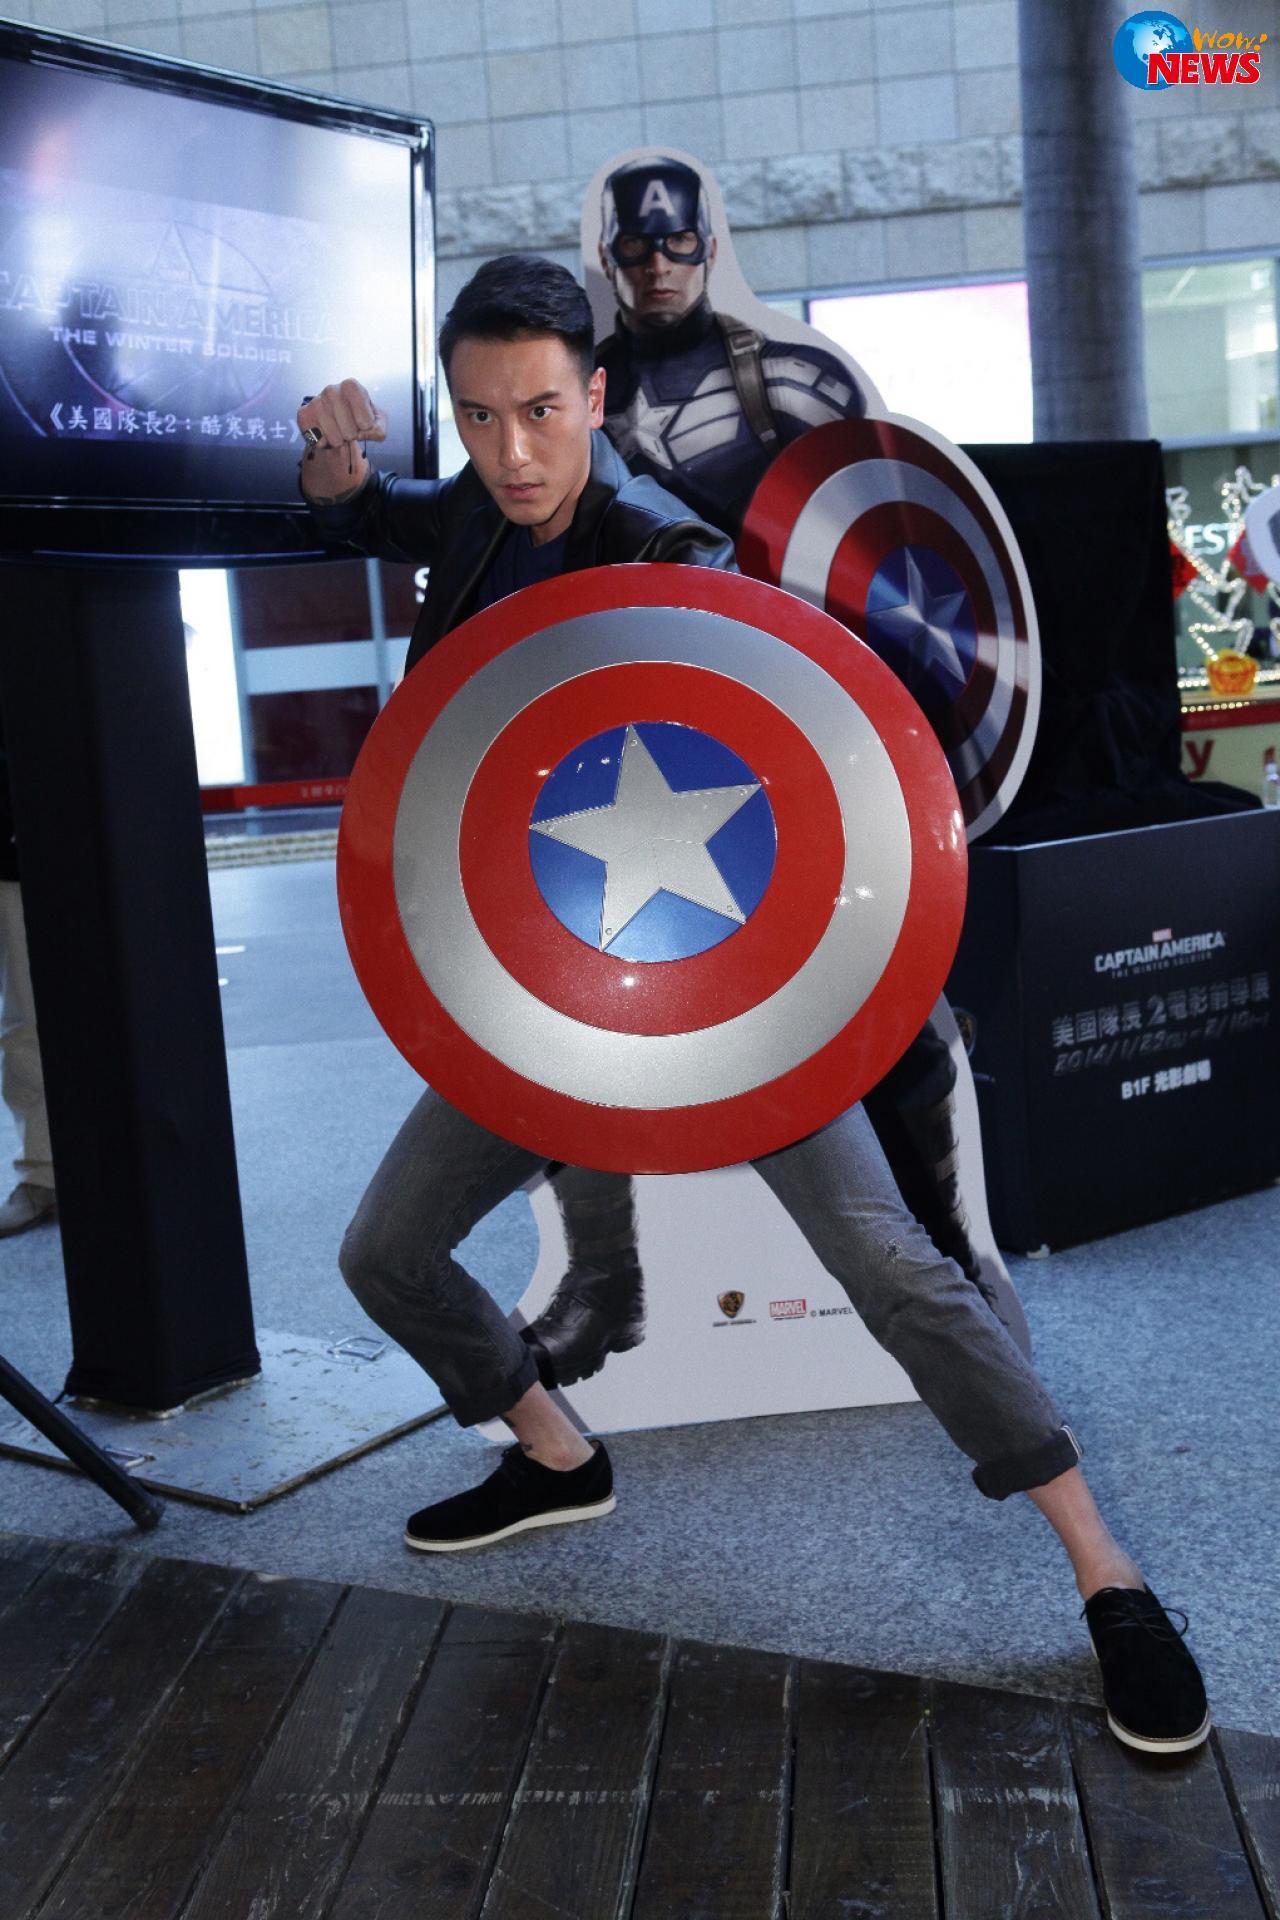 王阳明赛健身打造 美国队长肌肉 线条 盾牌上身